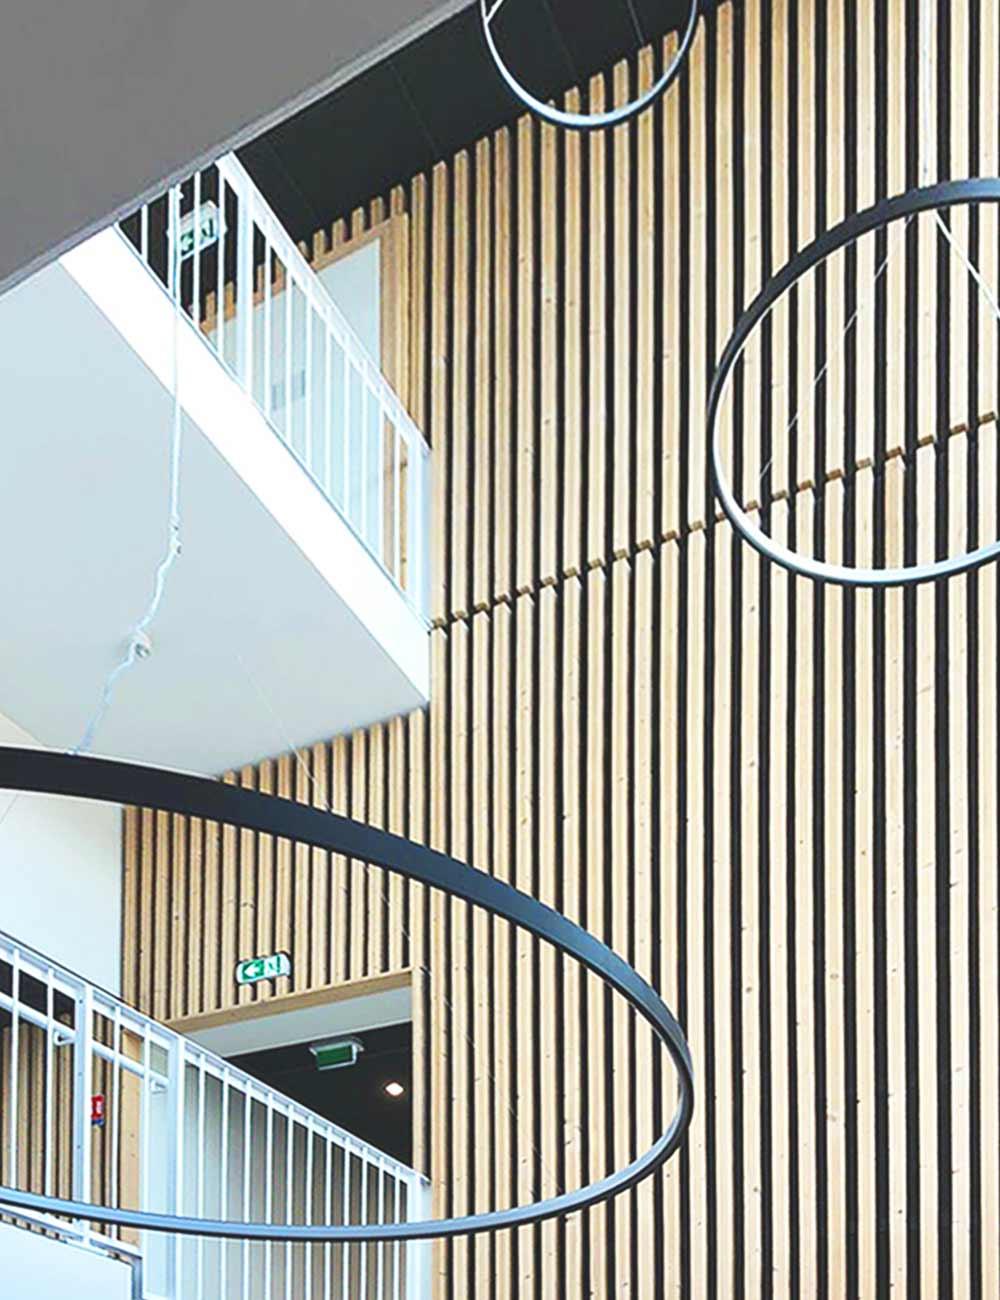 interni luci martinoli pasini architetti